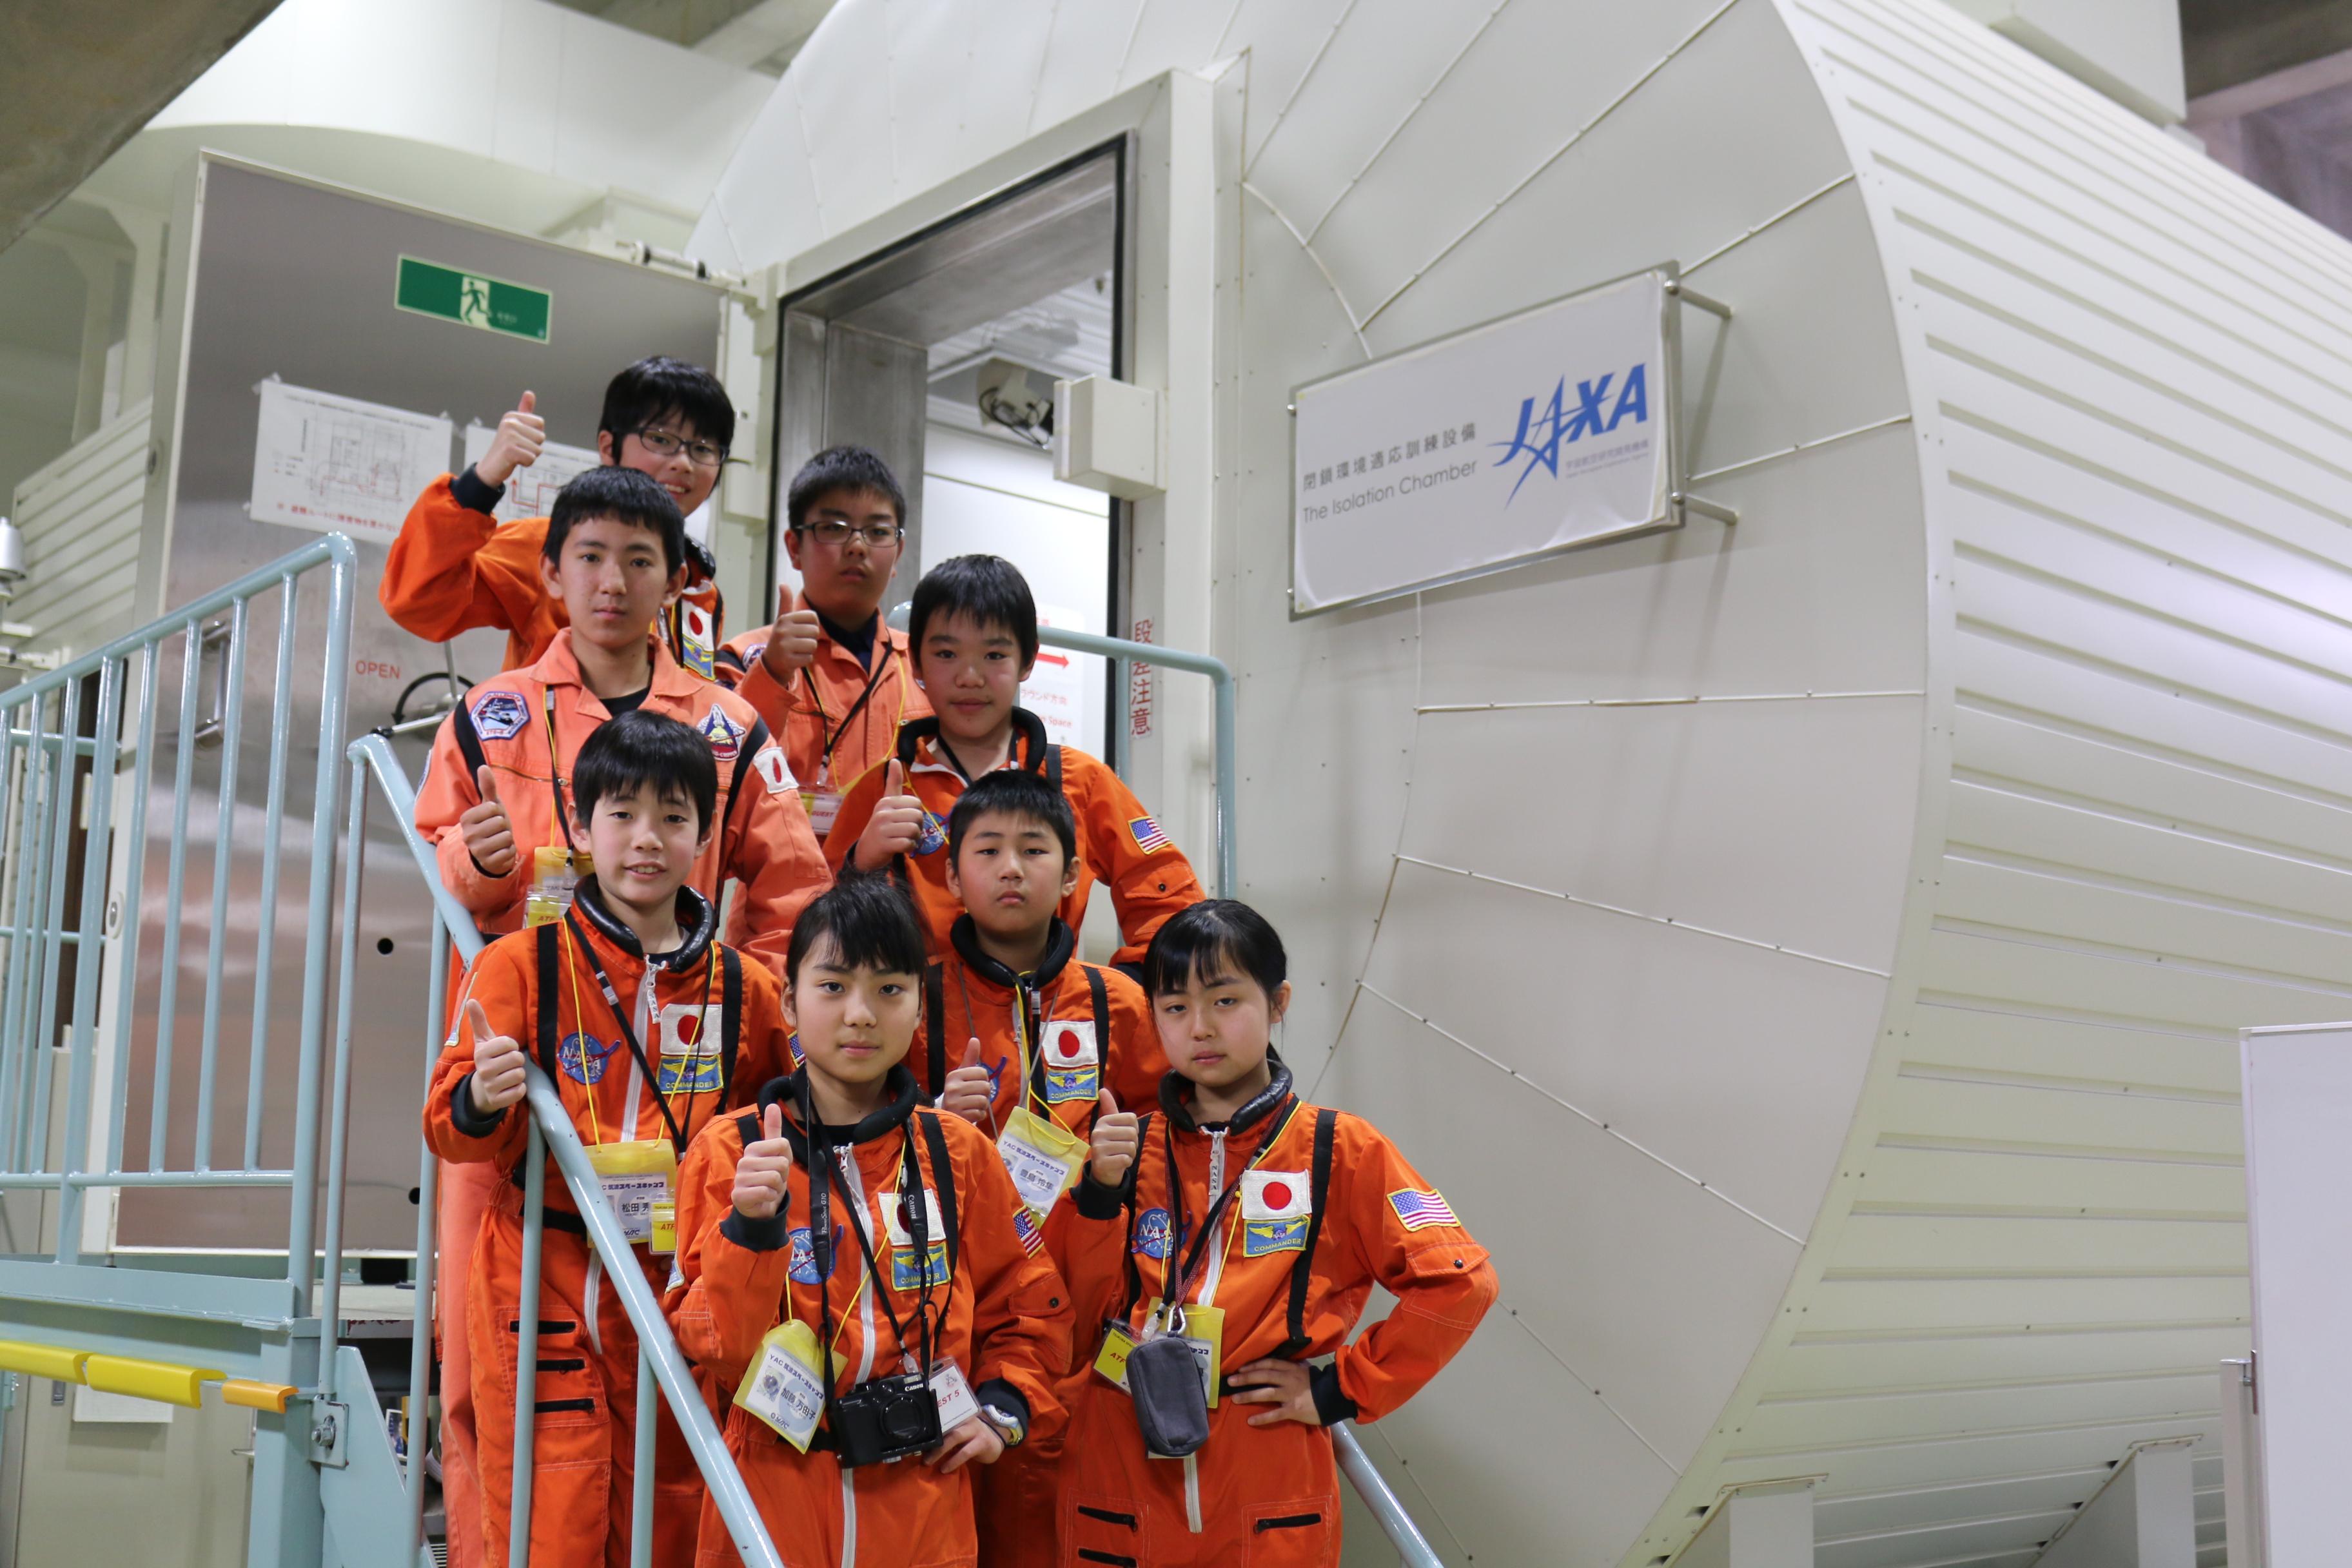 【夏休み 宇宙飛行士模擬訓練!】つくばスペースキャンプ2019 [Bコース8/20~8/22]※コースにより一部内容が異なります